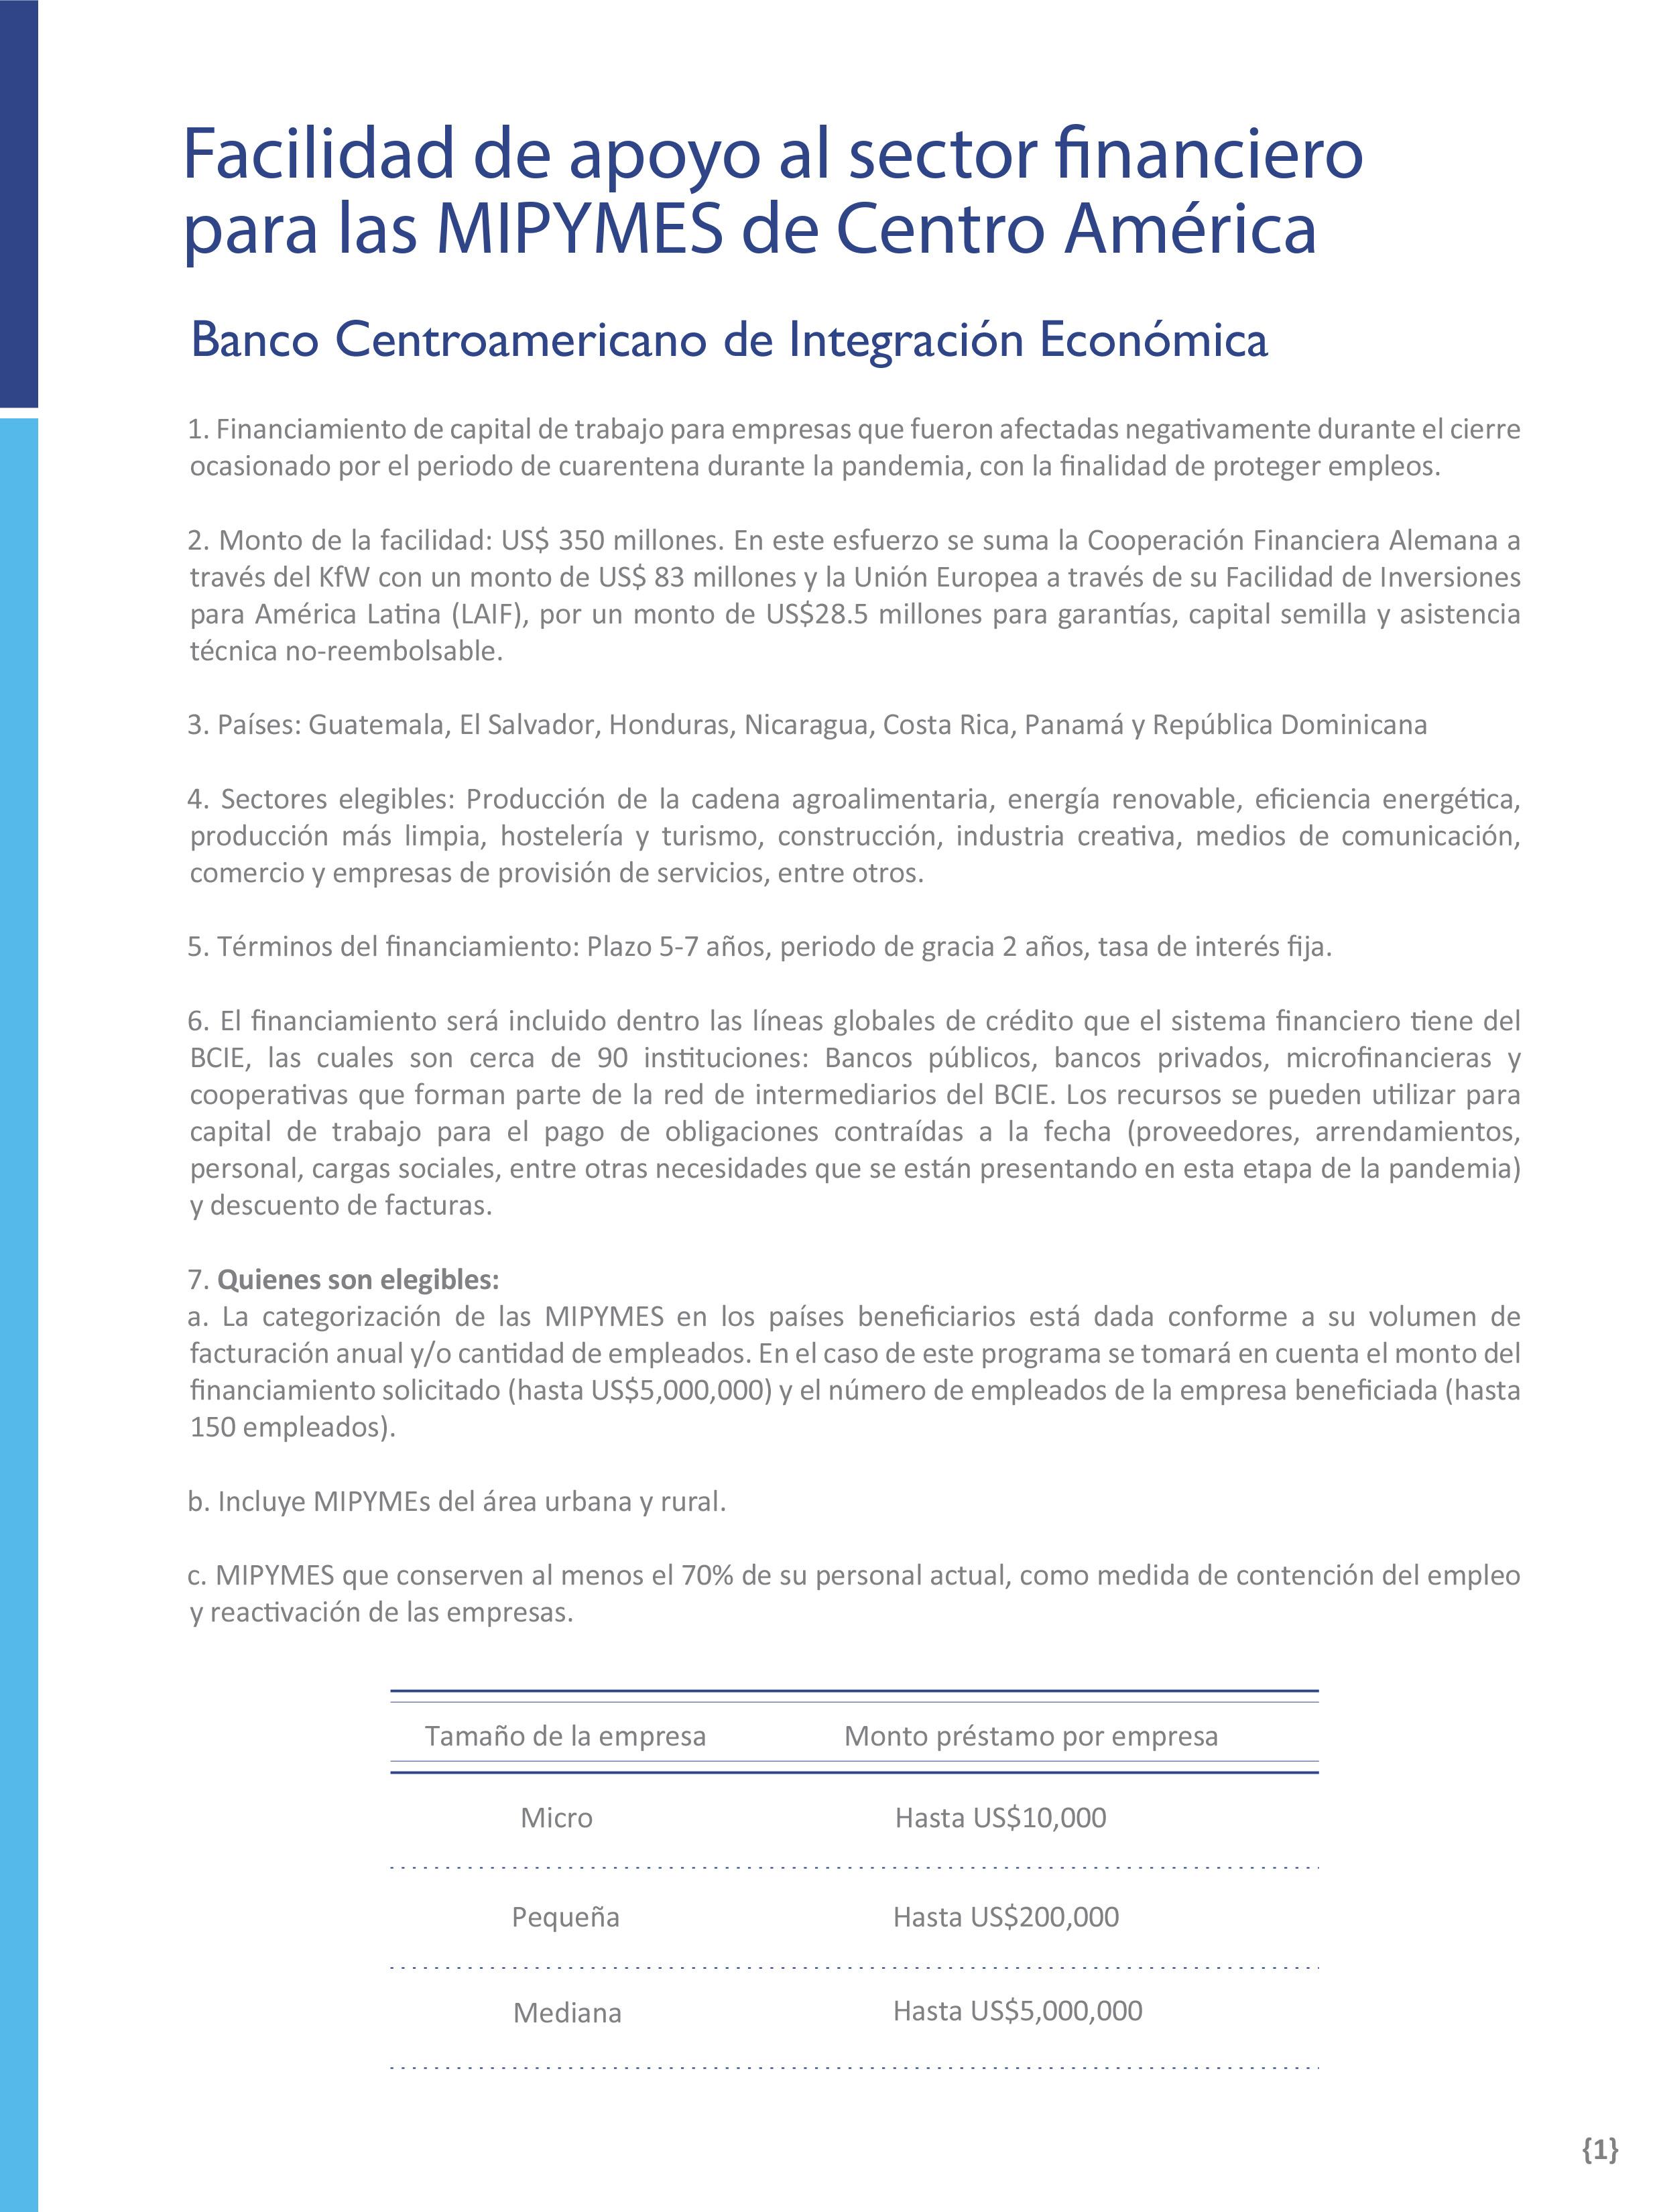 BCIE; KfW y UE aportan $350 millones para Mipymes afectadas por COVID-19